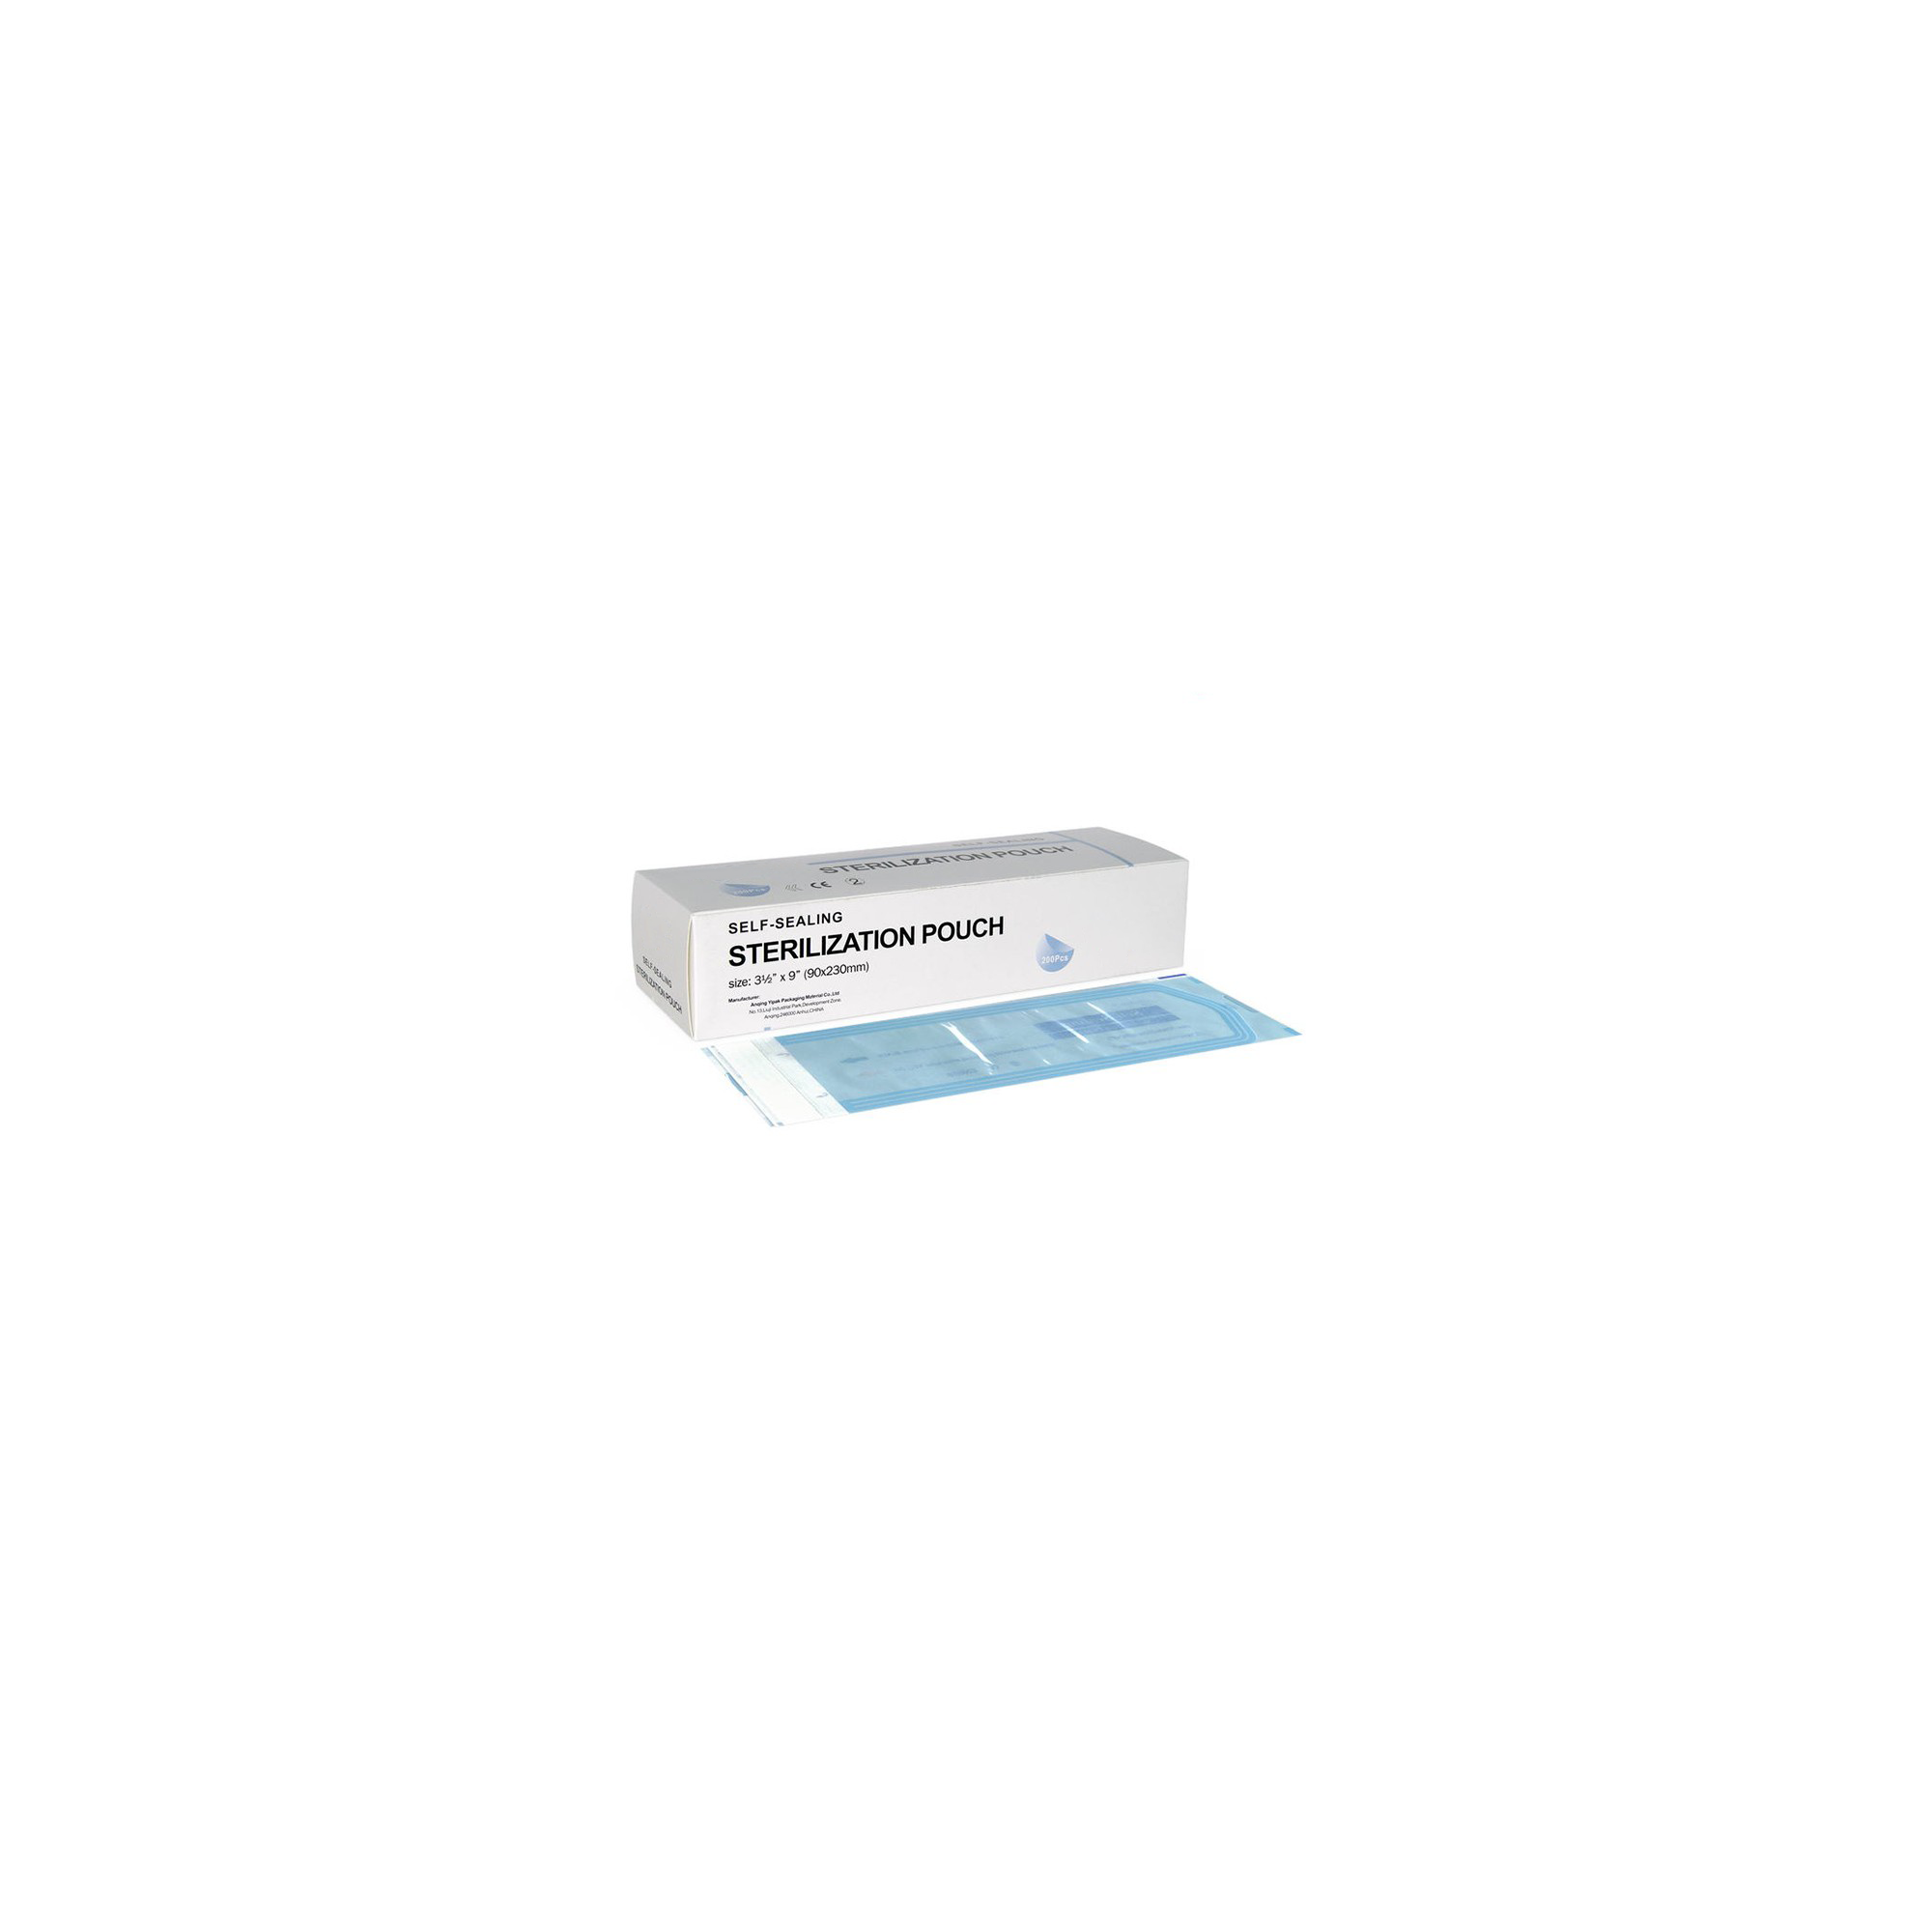 Sachets de stérilisation à fermeture autocolante